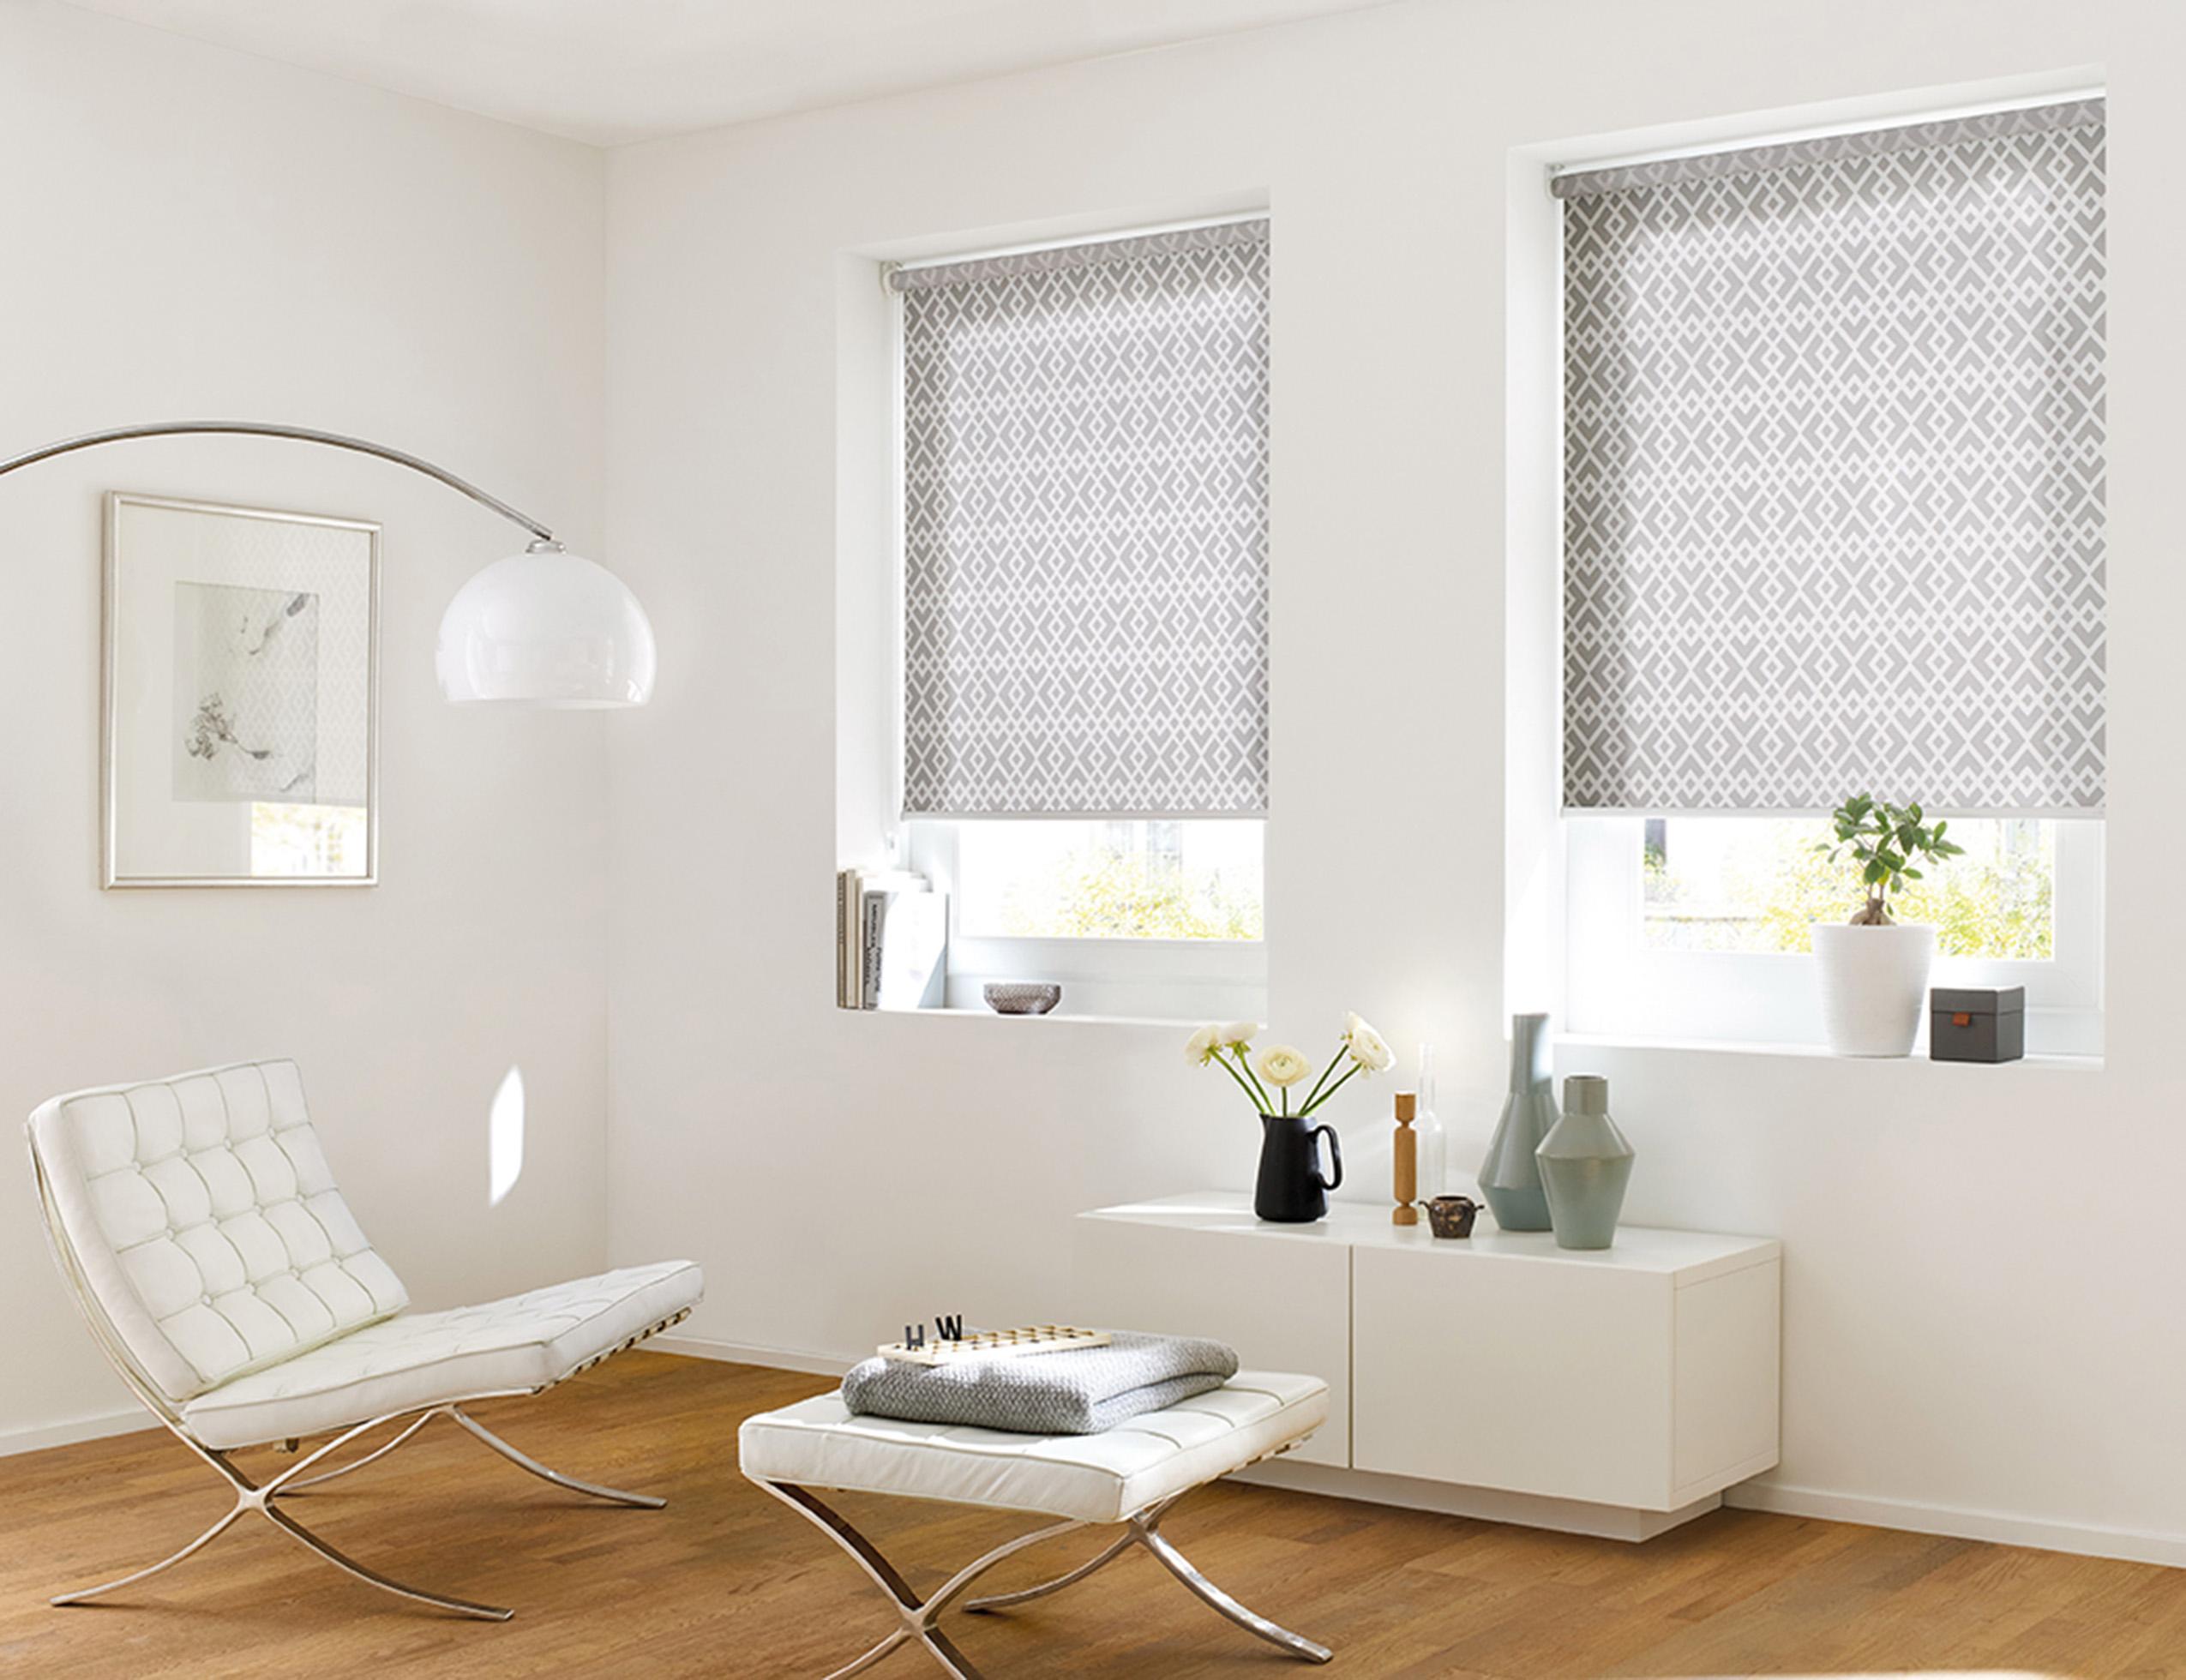 kadeco-rollo-22091-sichtschutz-sonnenschutz-grau-geschmackvoll-wohnzimmer-web